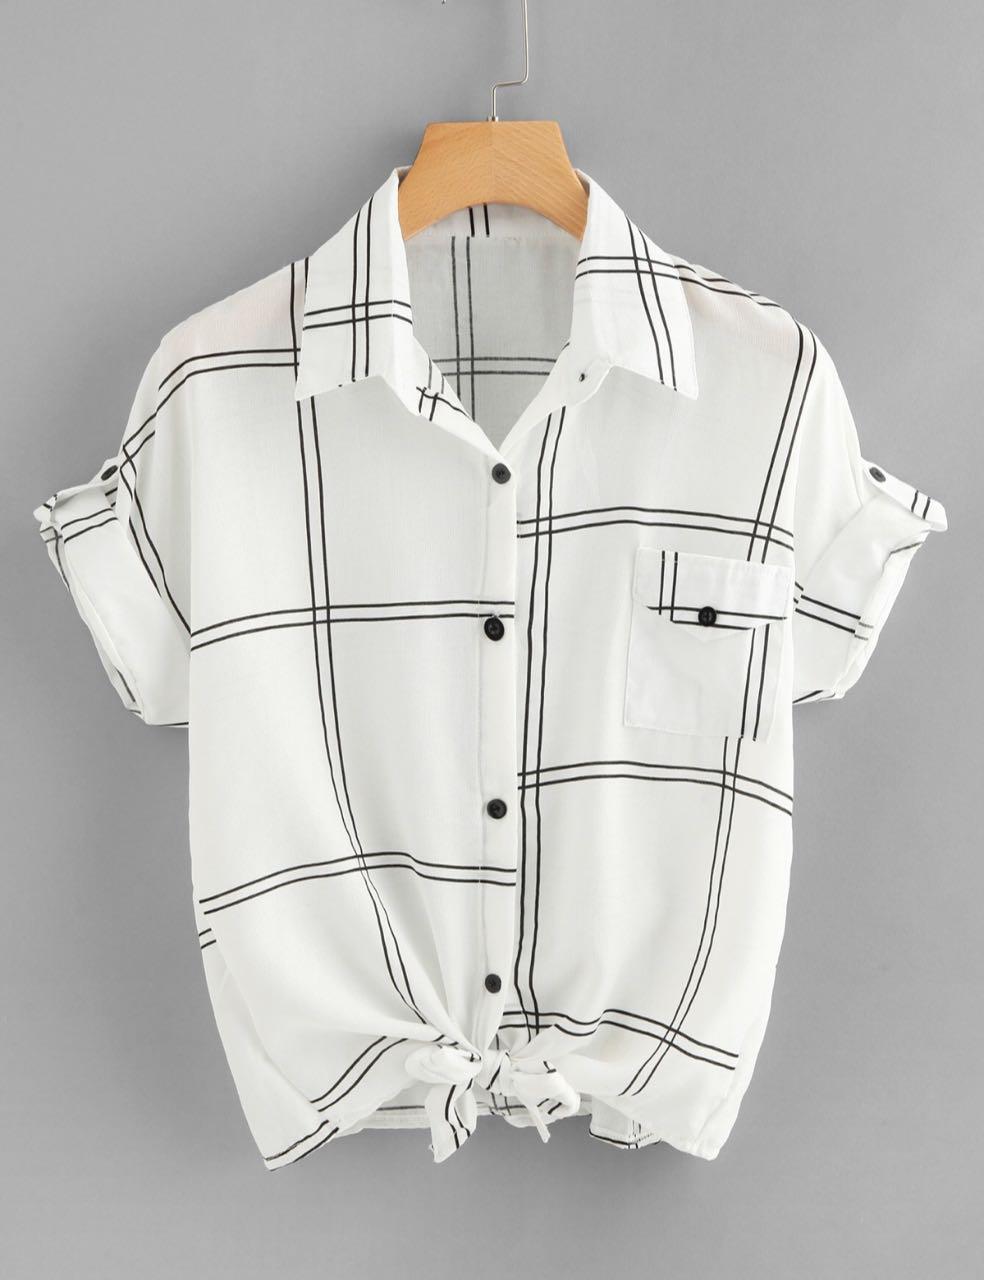 7 клетчатых рубашек до3000 рублей, как уМеланьи Трамп